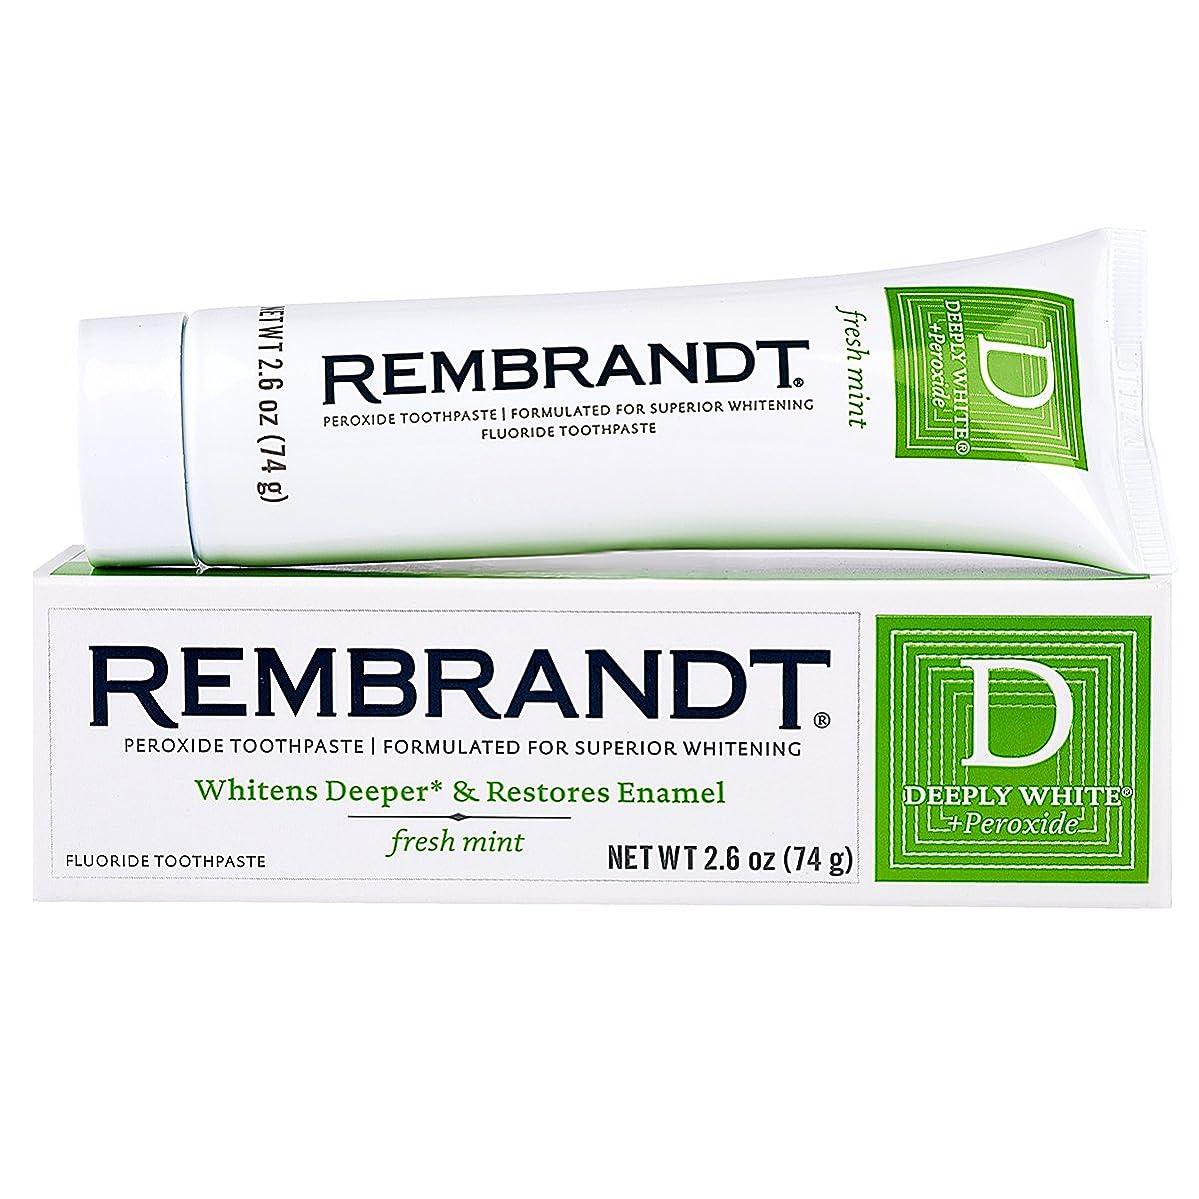 引退する悲惨ハングRembrandt フッ化物に深くホワイト+過酸化物ホワイトニング歯磨き、フレッシュミント2.6オンス(8パック)